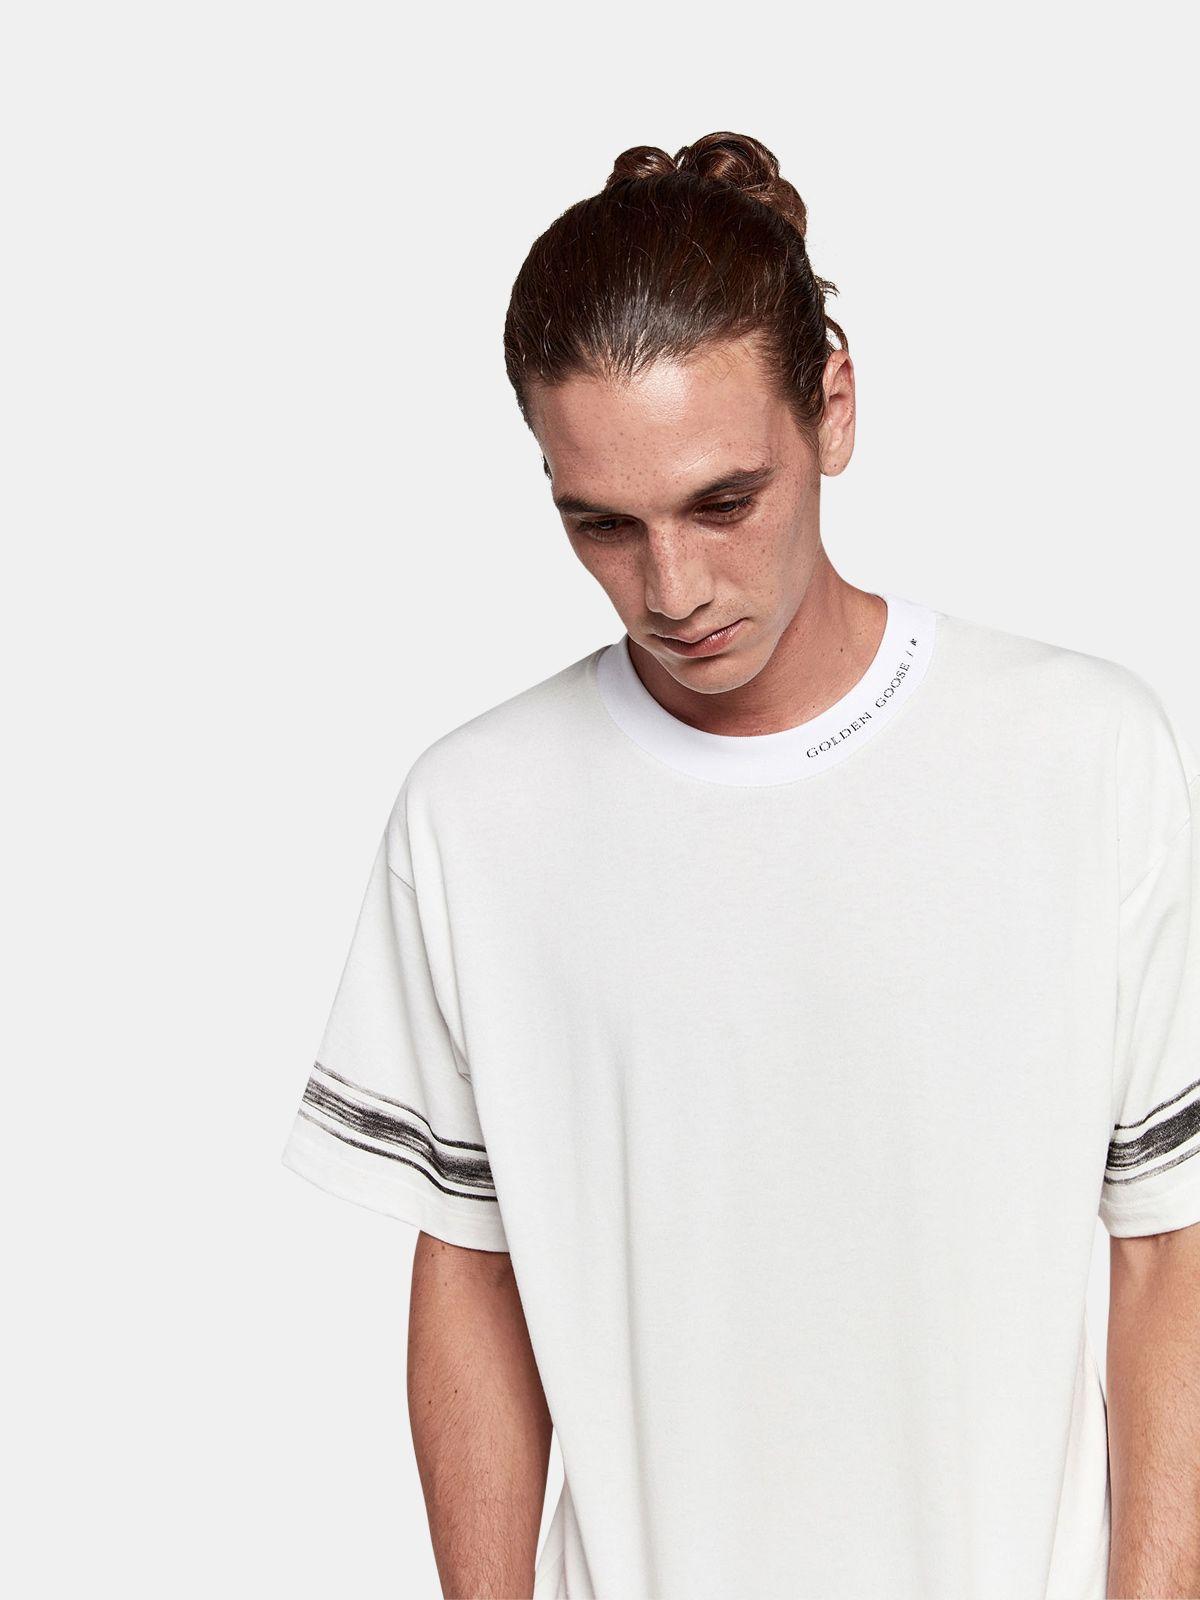 Golden Goose - T-shirt Ryo in jersey di cotone con logo e righe a contrasto in